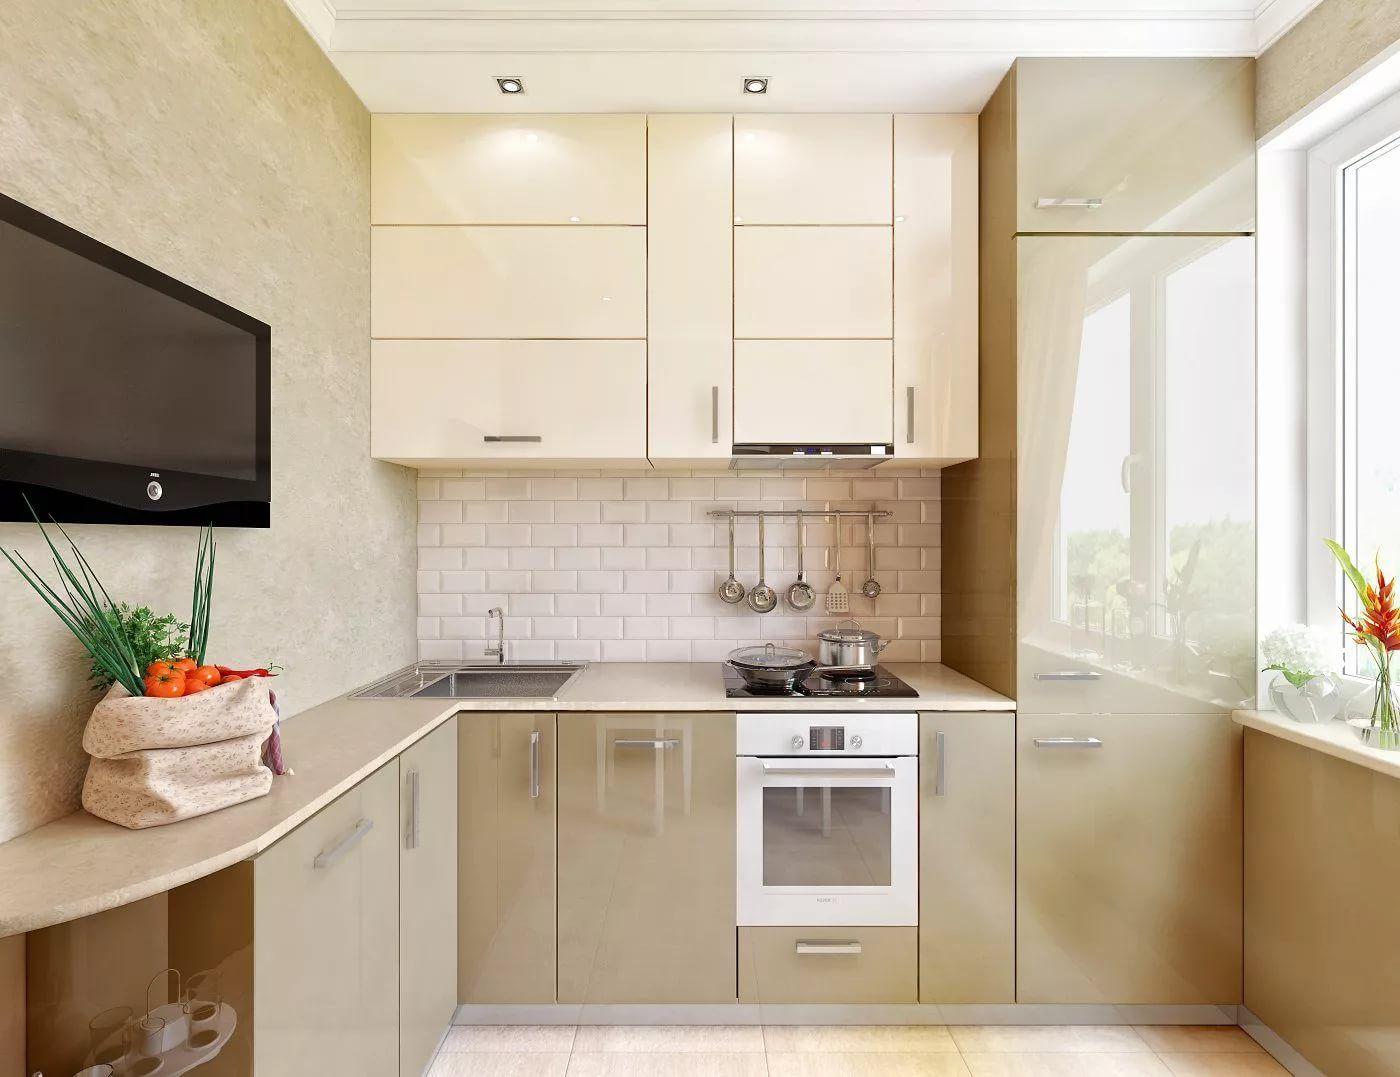 дизайн кухни 6 кв м фото хрущевка с холодильником: 12 тыс ...